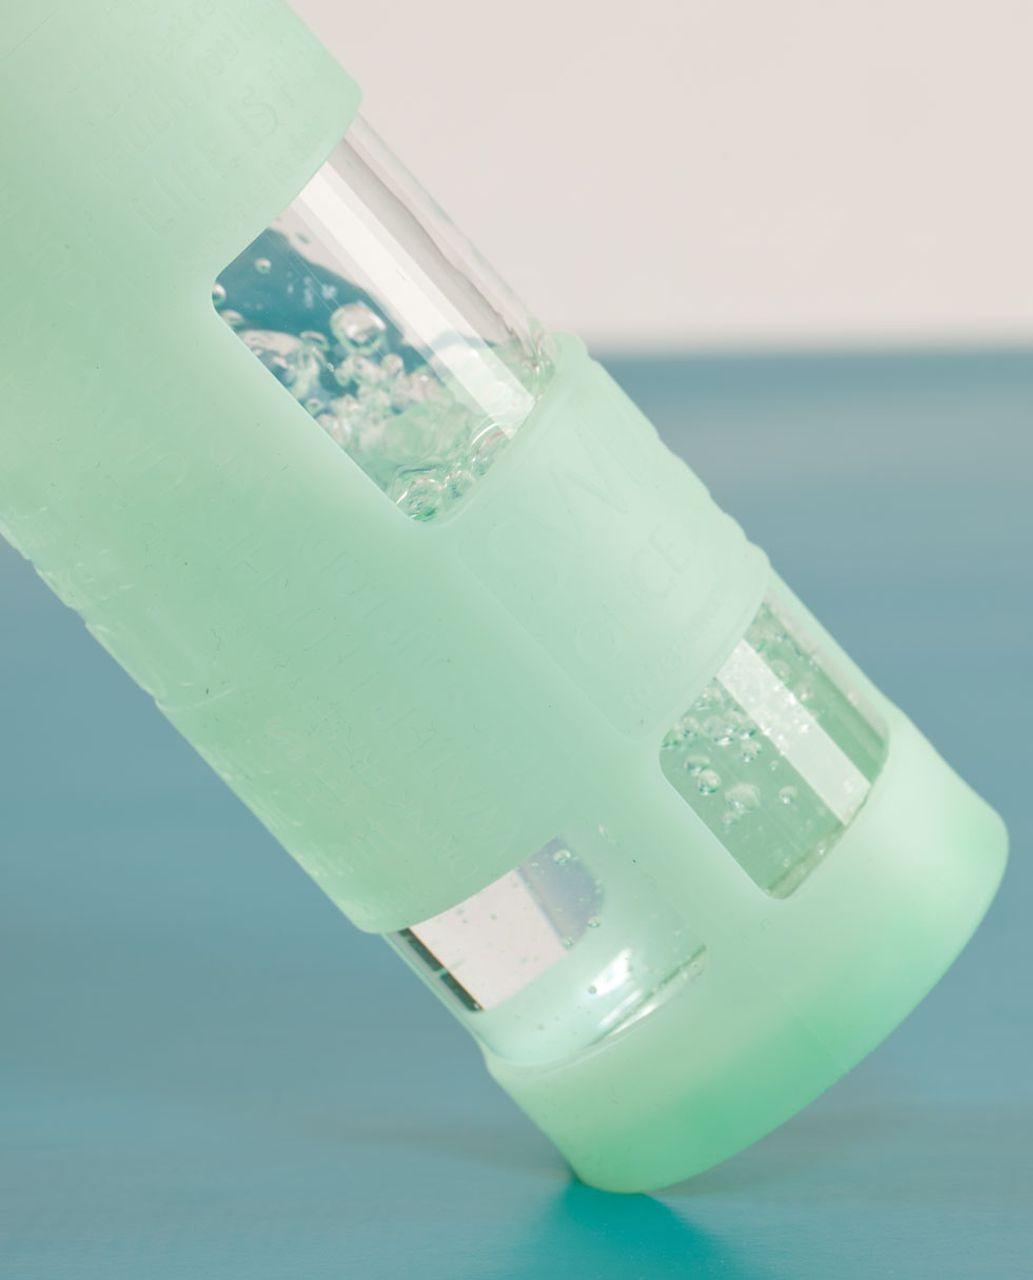 Lululemon Pure Balance Water Bottle - Mint Moment